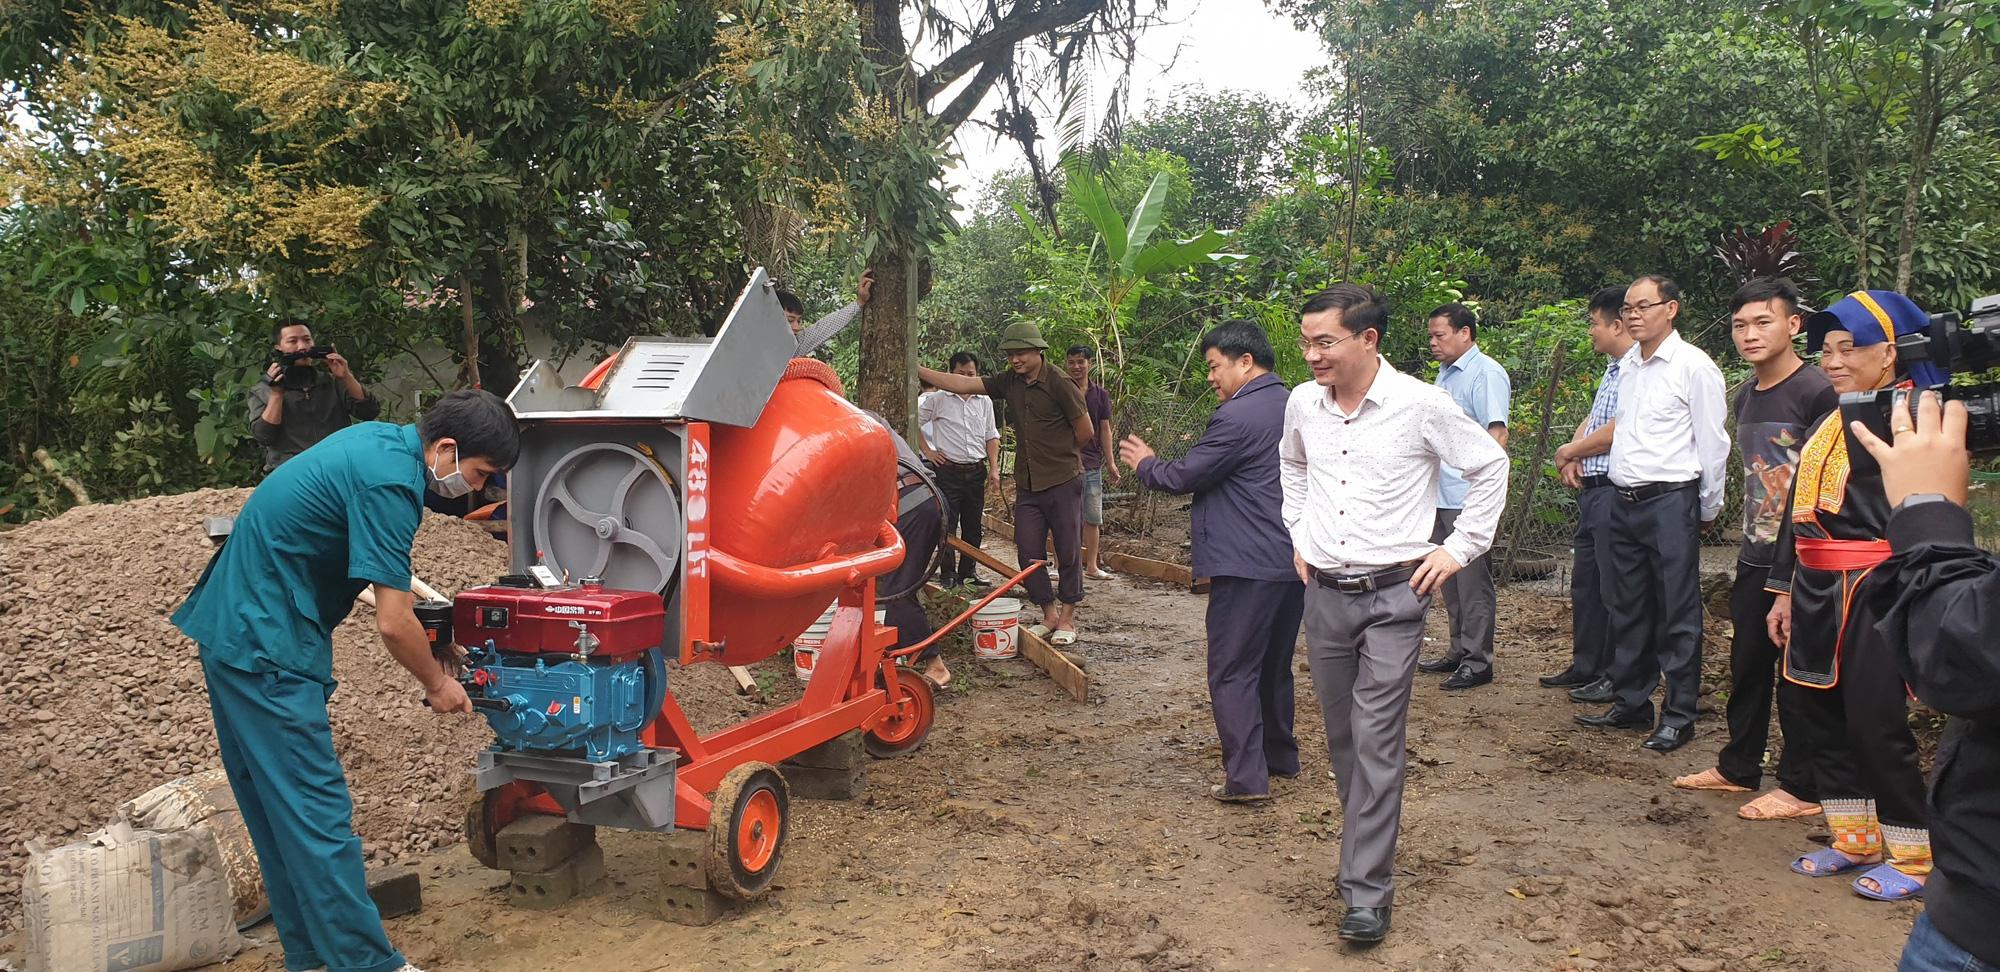 Hội Nông dân tỉnh Quảng Ninh chung tay giúp Đồn Đạc xây dựng nông thôn mới - Ảnh 2.